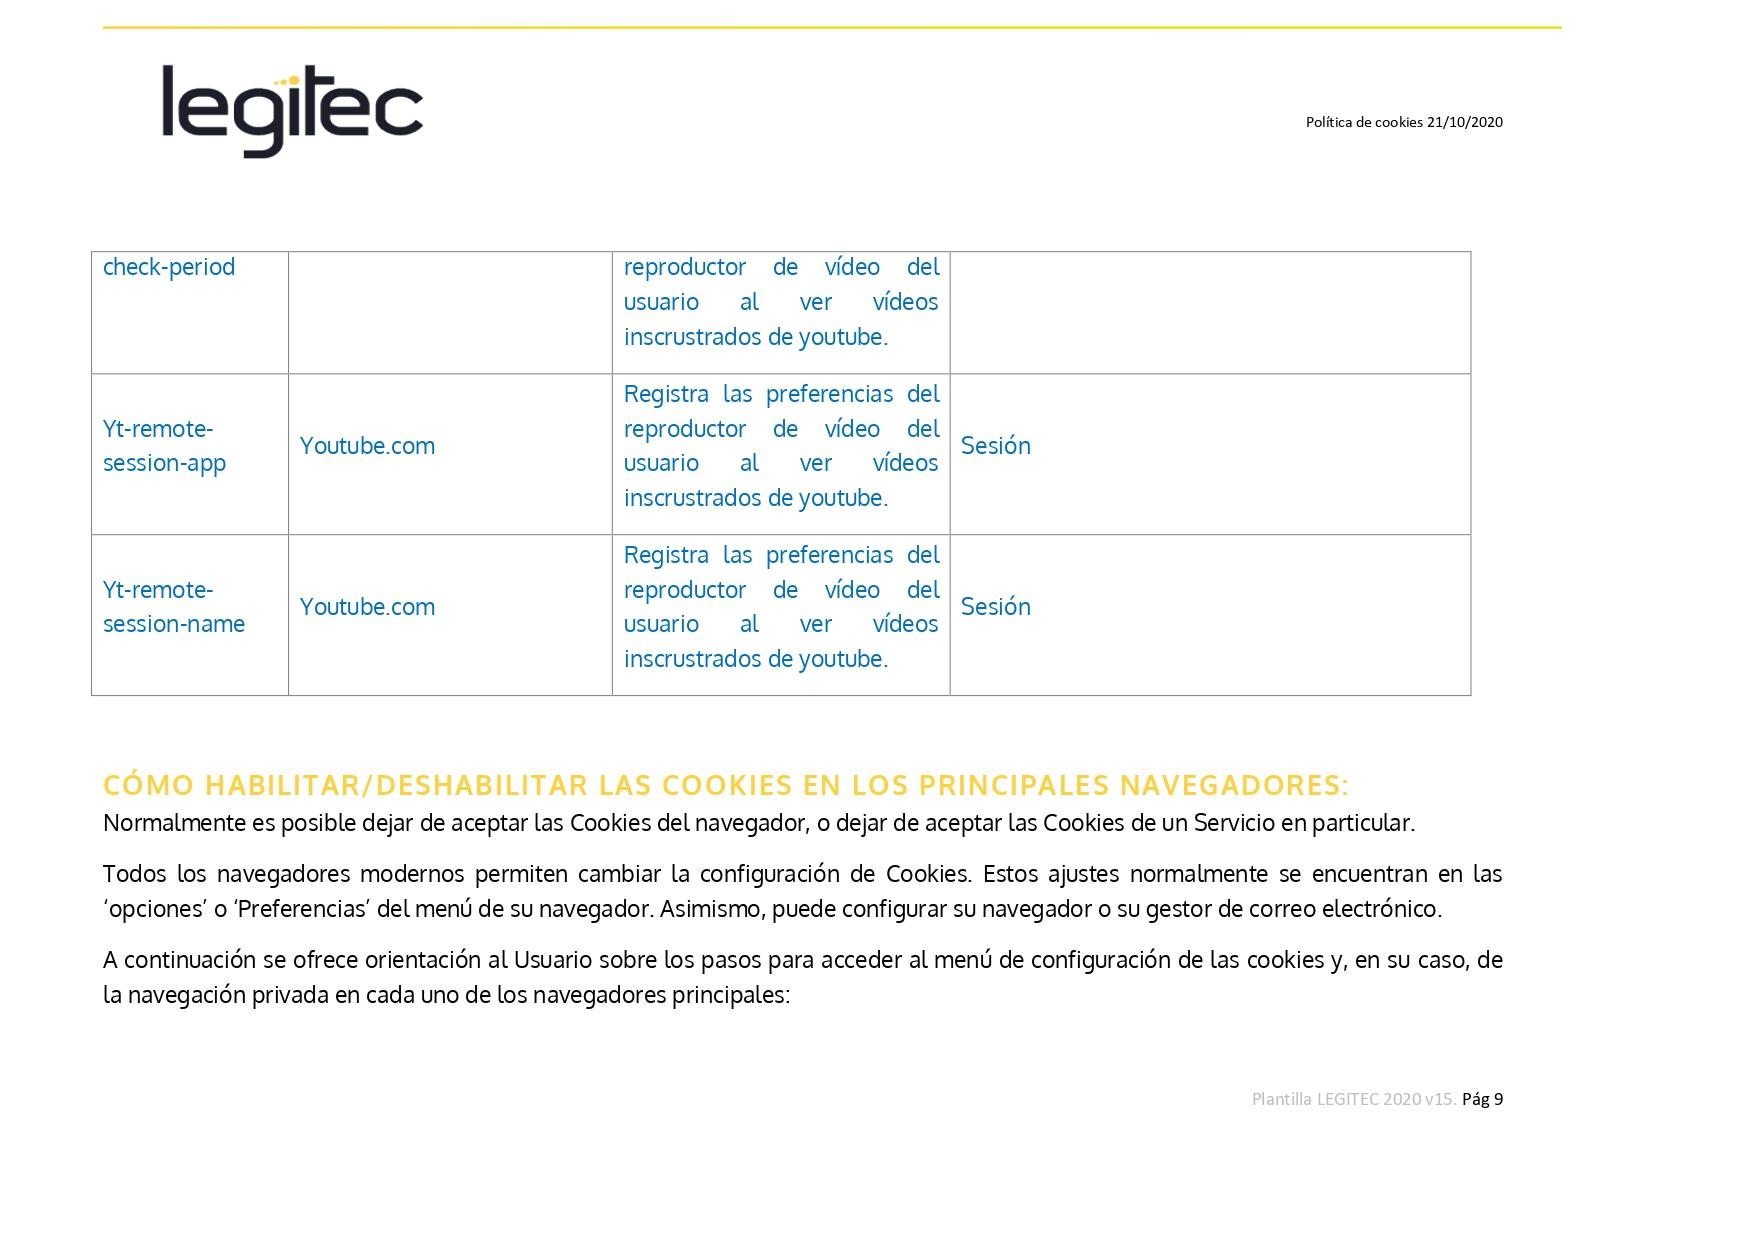 WEB-POLÍTICA-DE-COOKIES-_page-0009